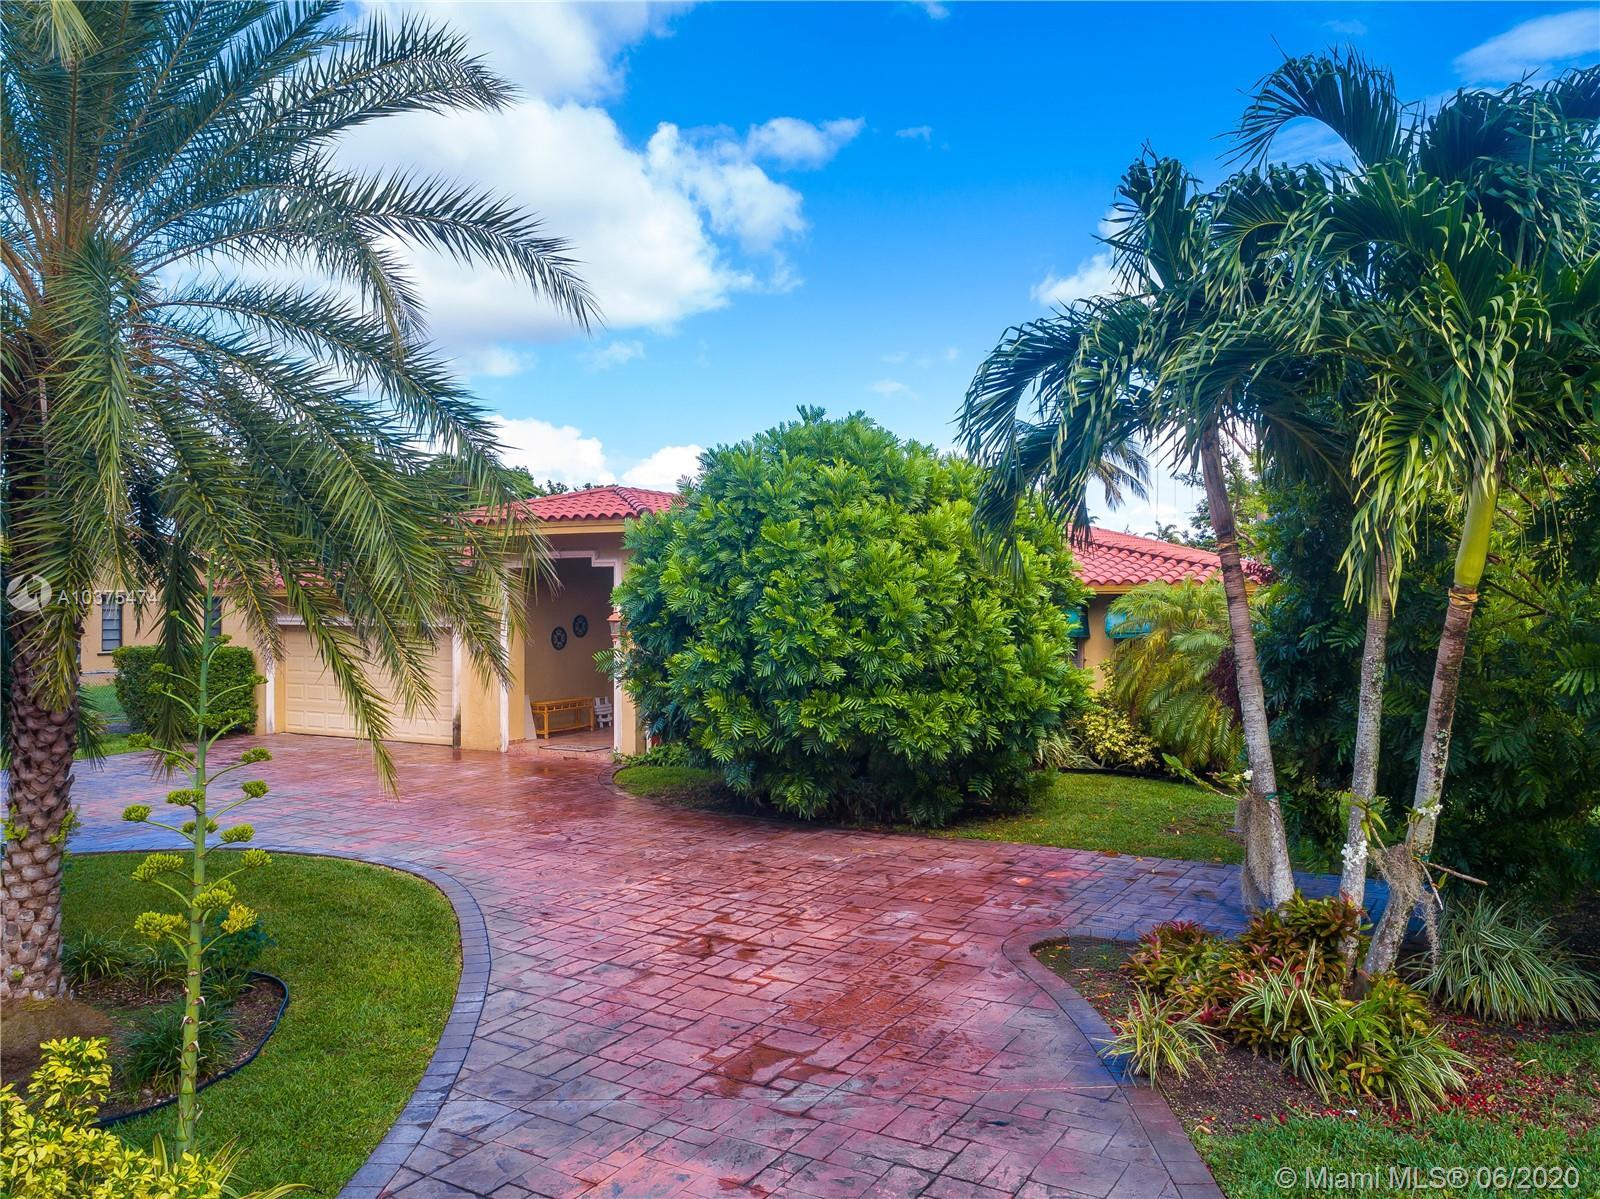 155 Sw 124th Ave, Miami FL, 33184